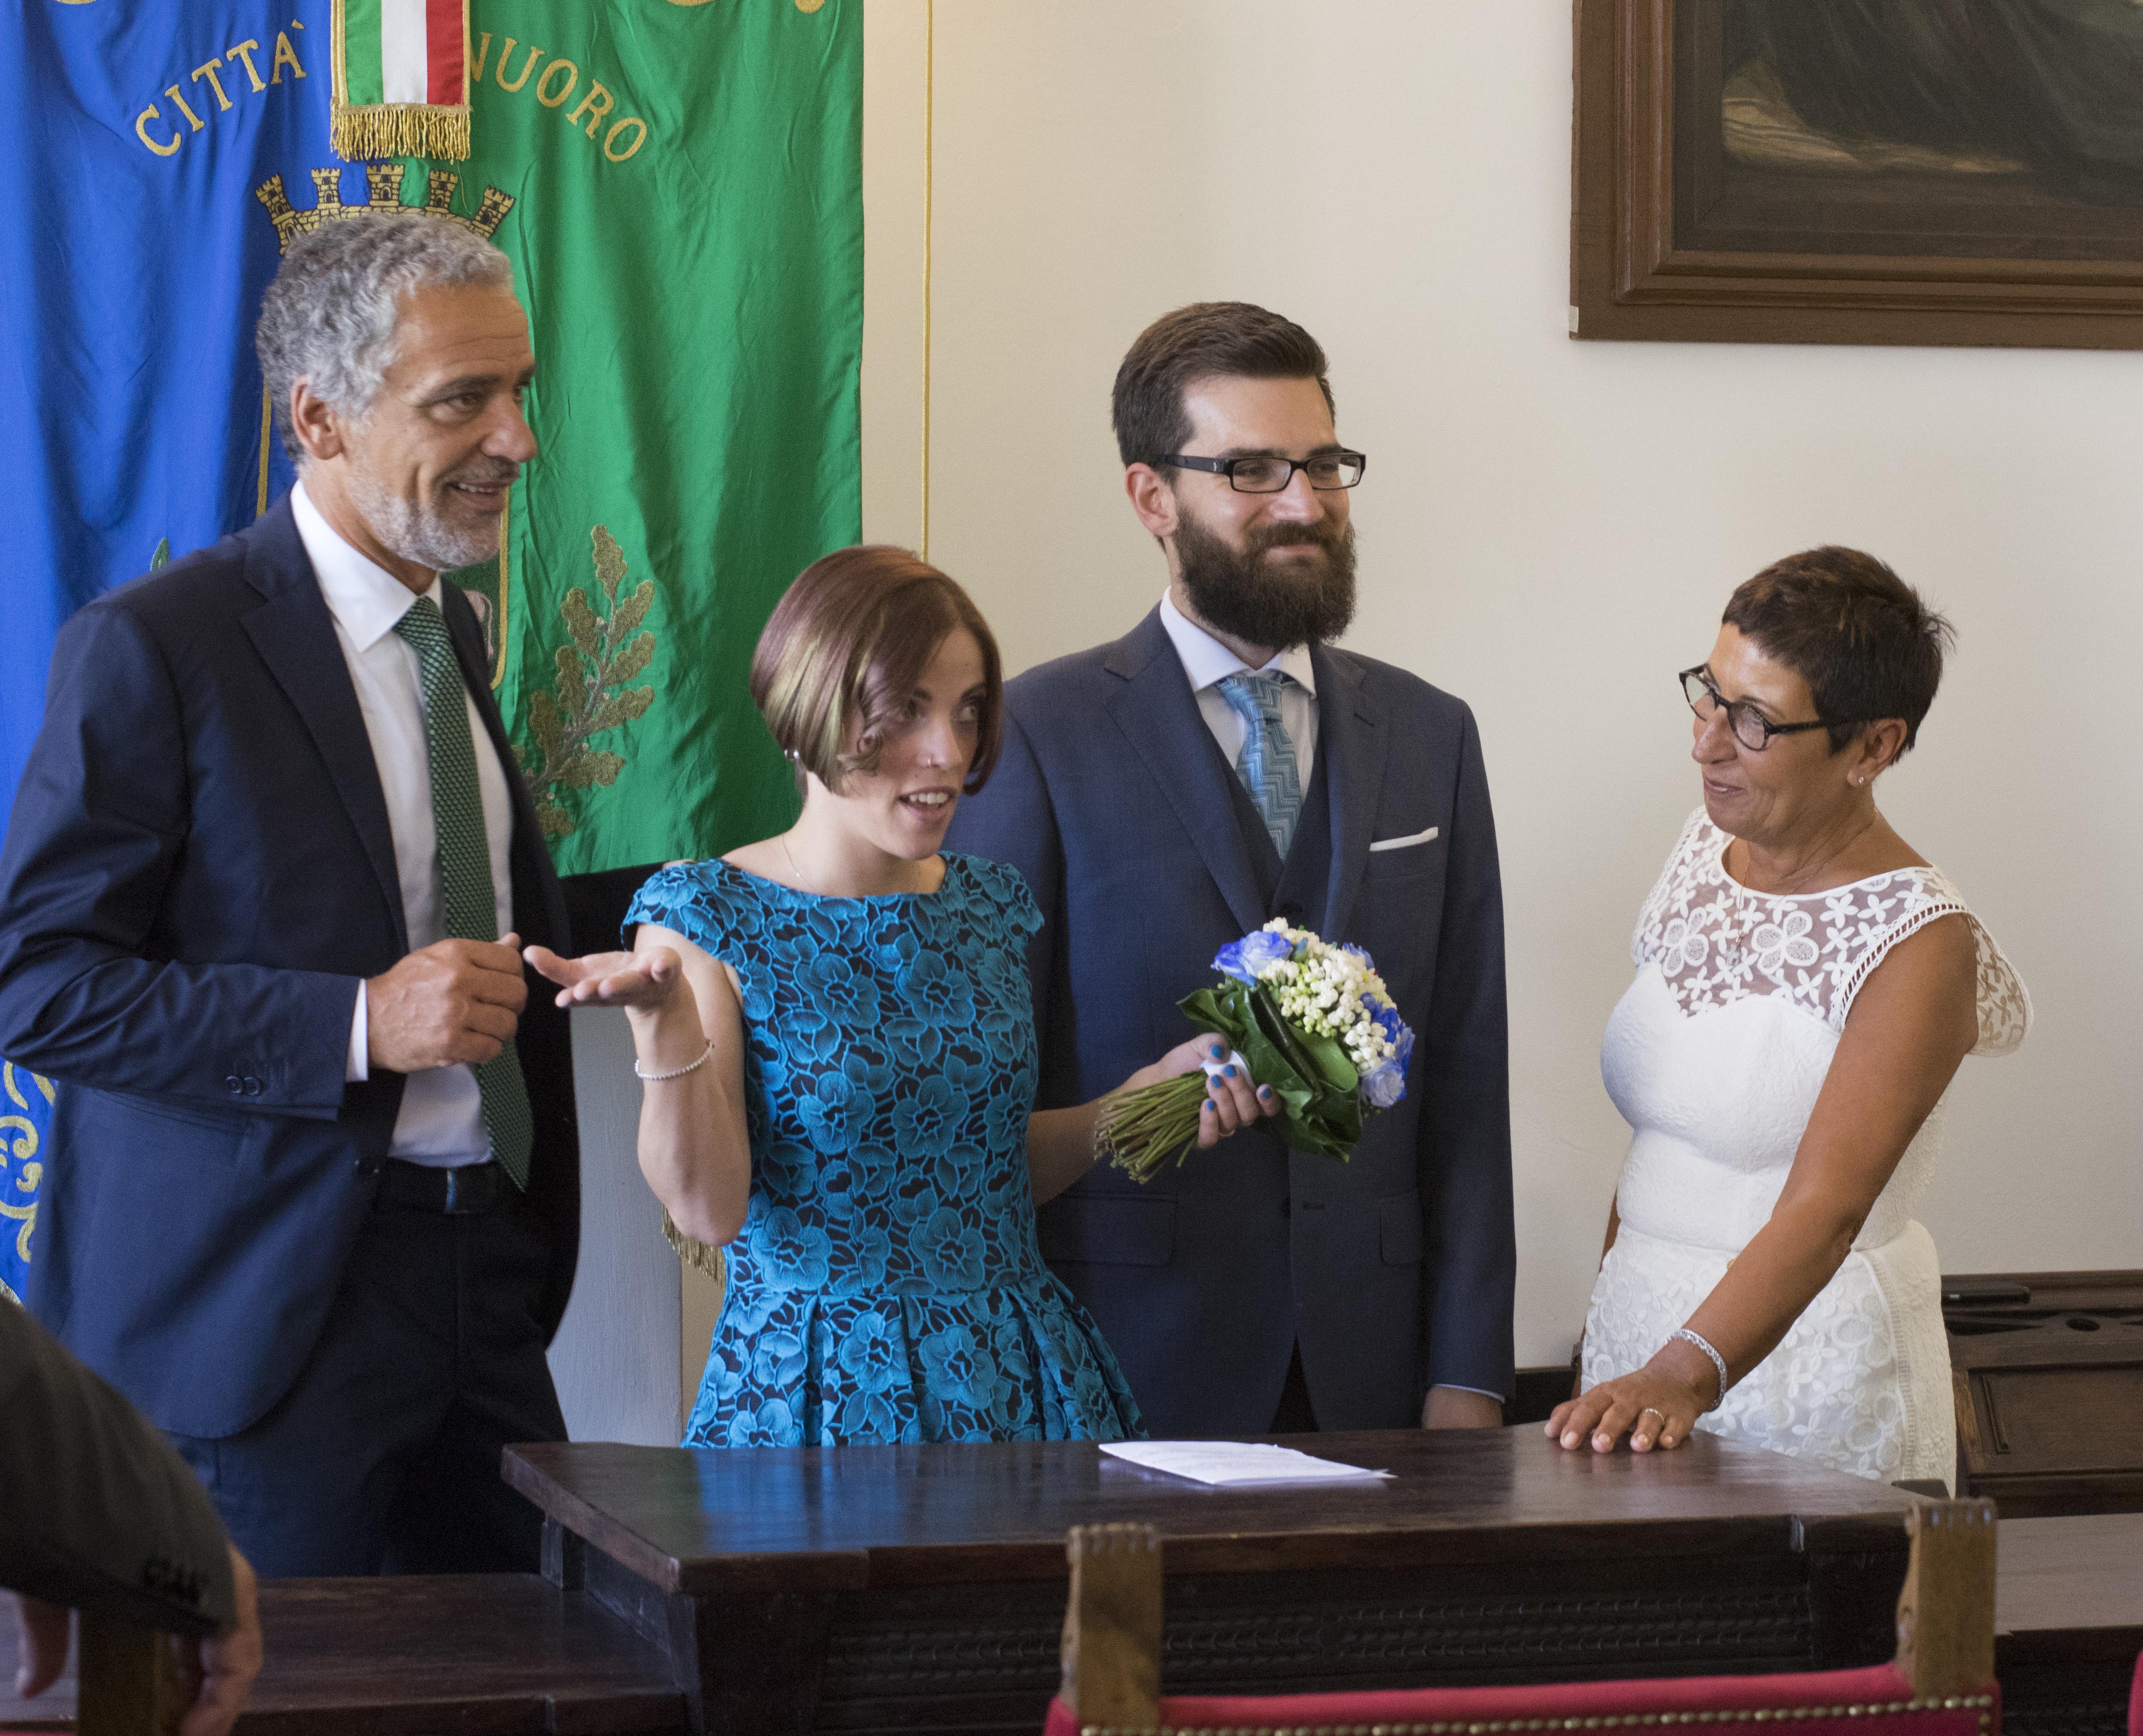 wedding day aunt Carmen uncle Enrico